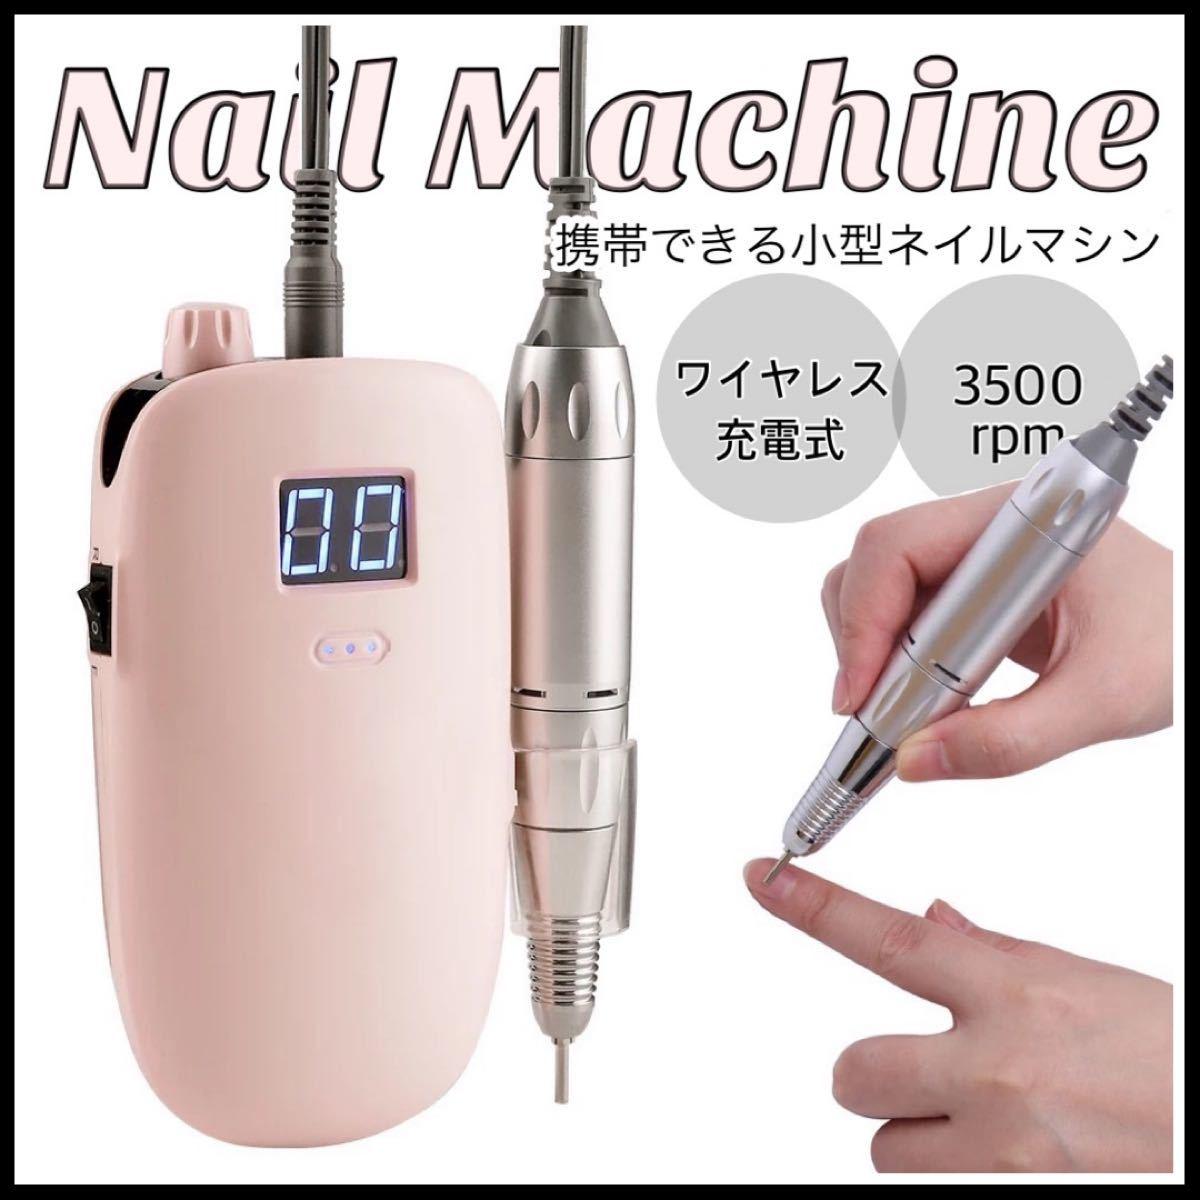 ネイルマシン レクシアスピン 相互モデル ビット付き コンパクト ワイヤレス充電 プリジェル ネイルドリル ジェルオフ ピンク